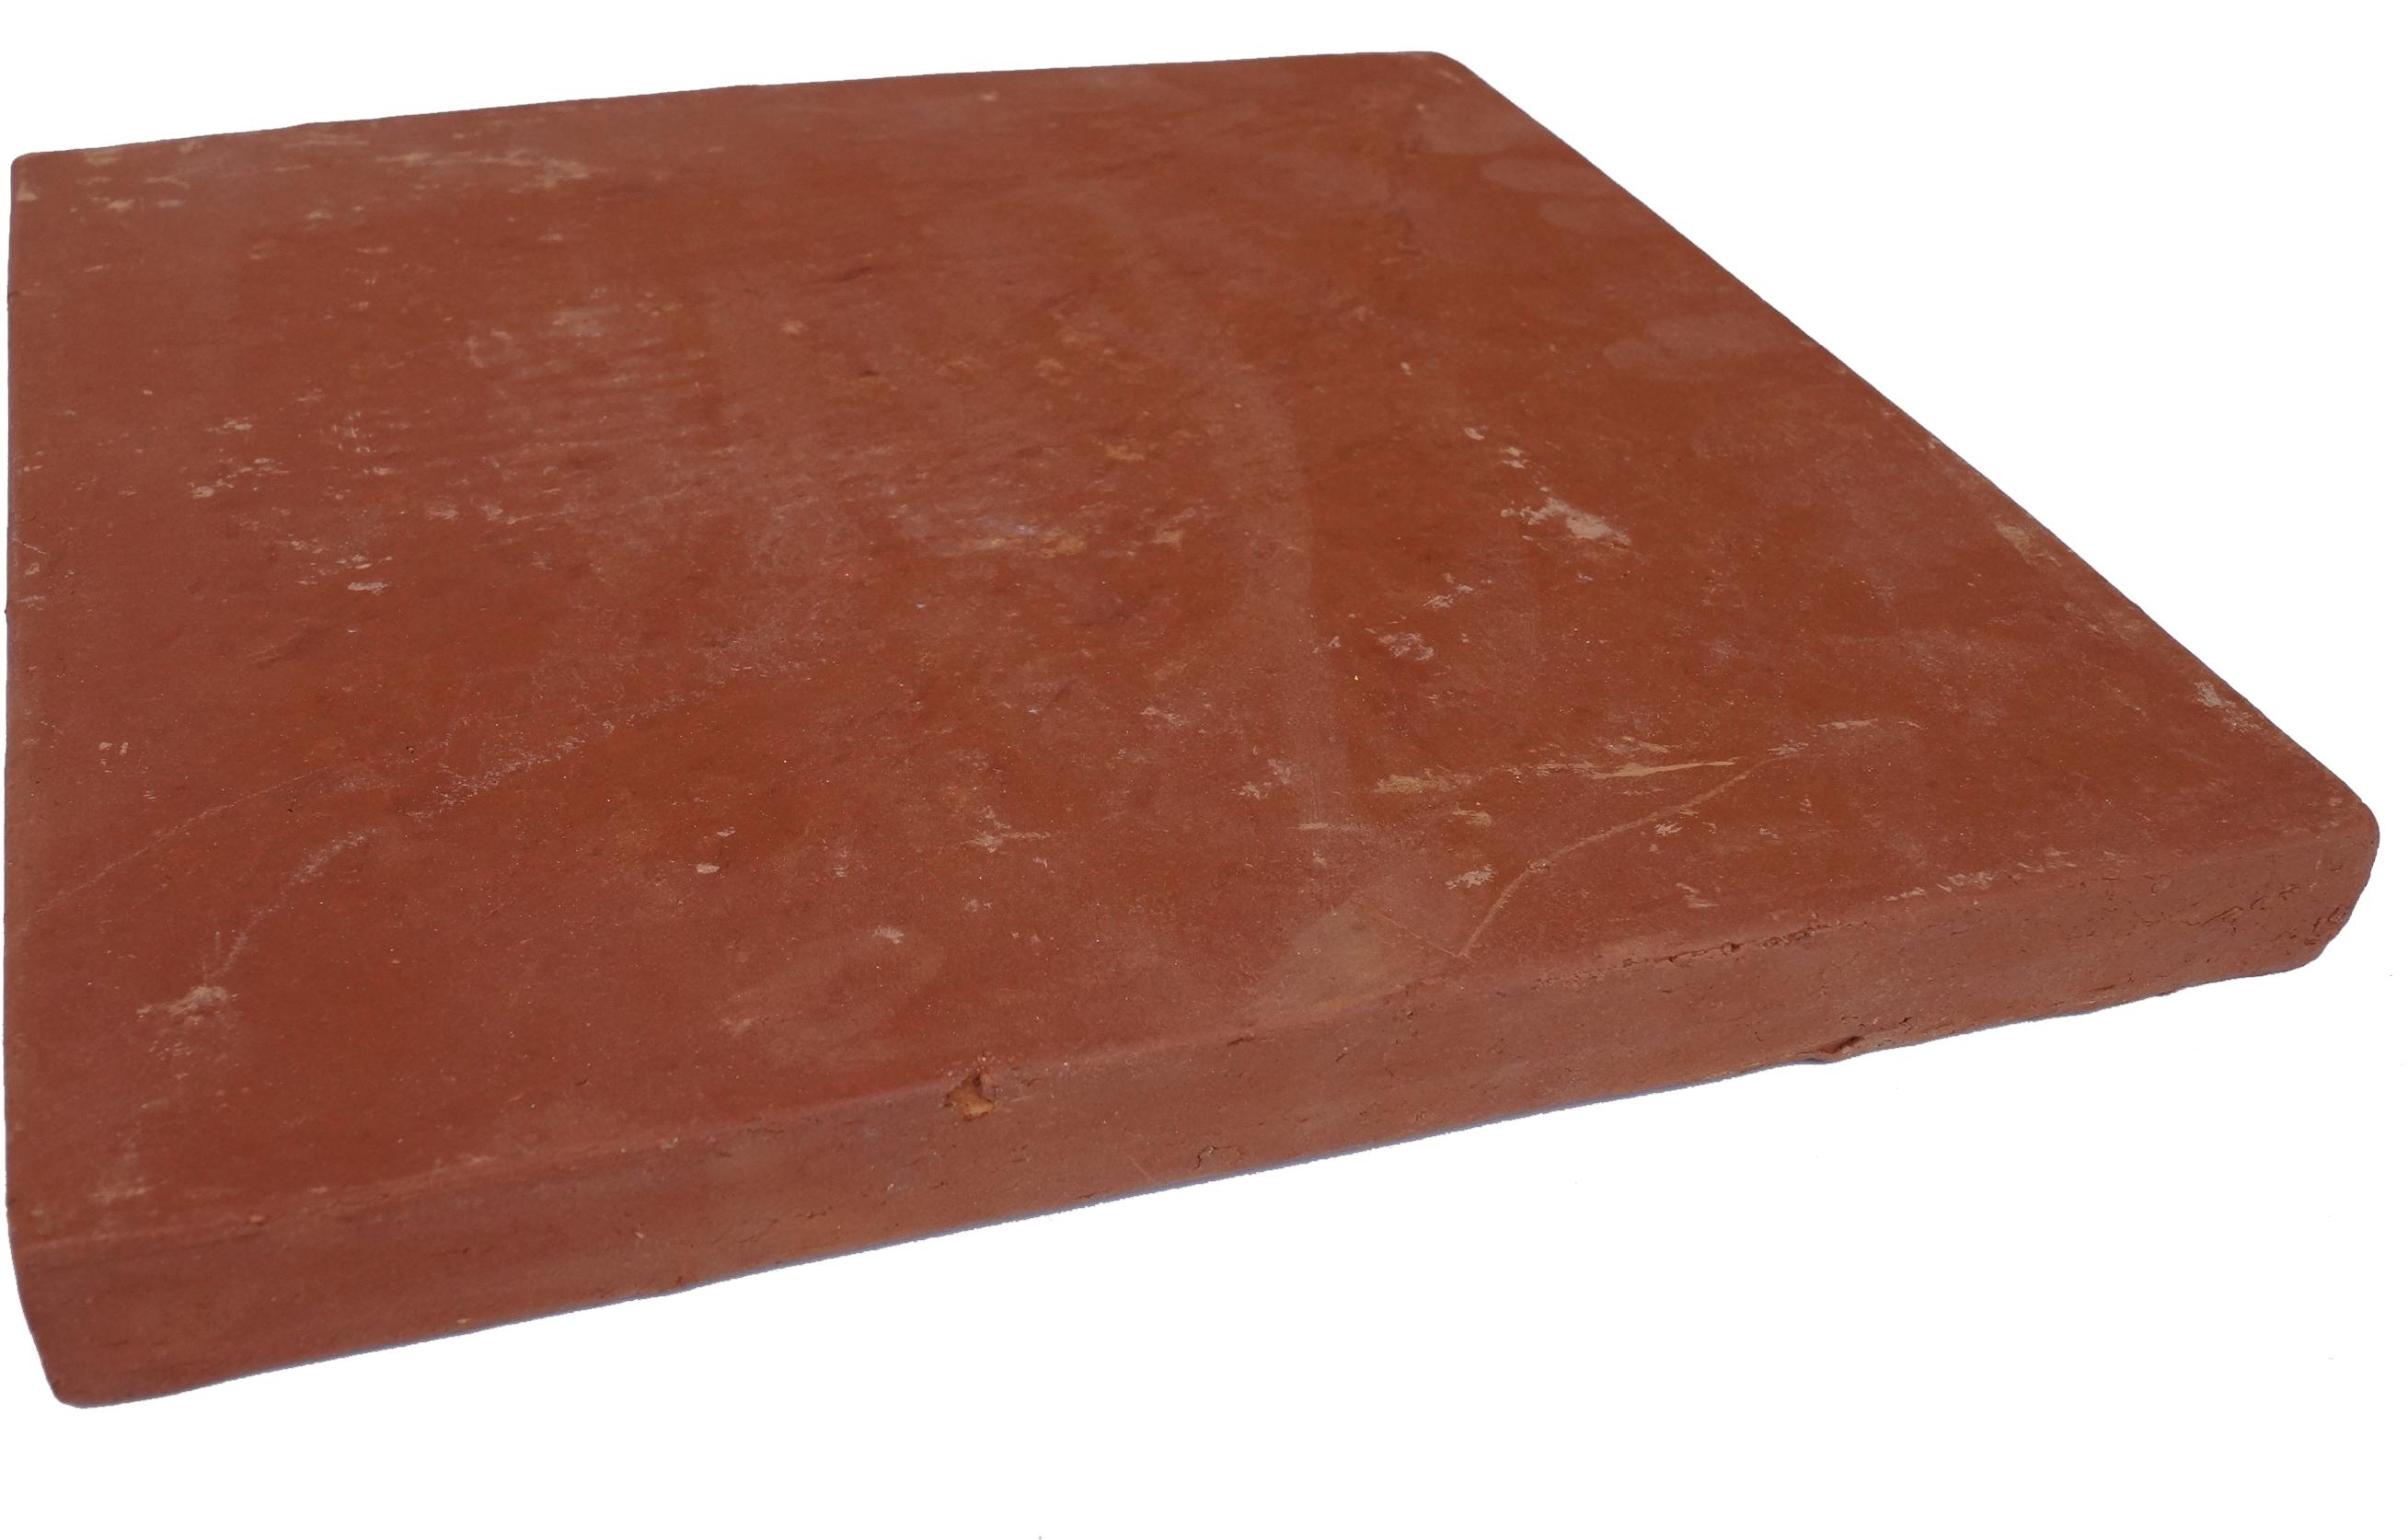 Handgemachte terracotta fliesen 30 30cm 1m2 - 1m2 en cm ...